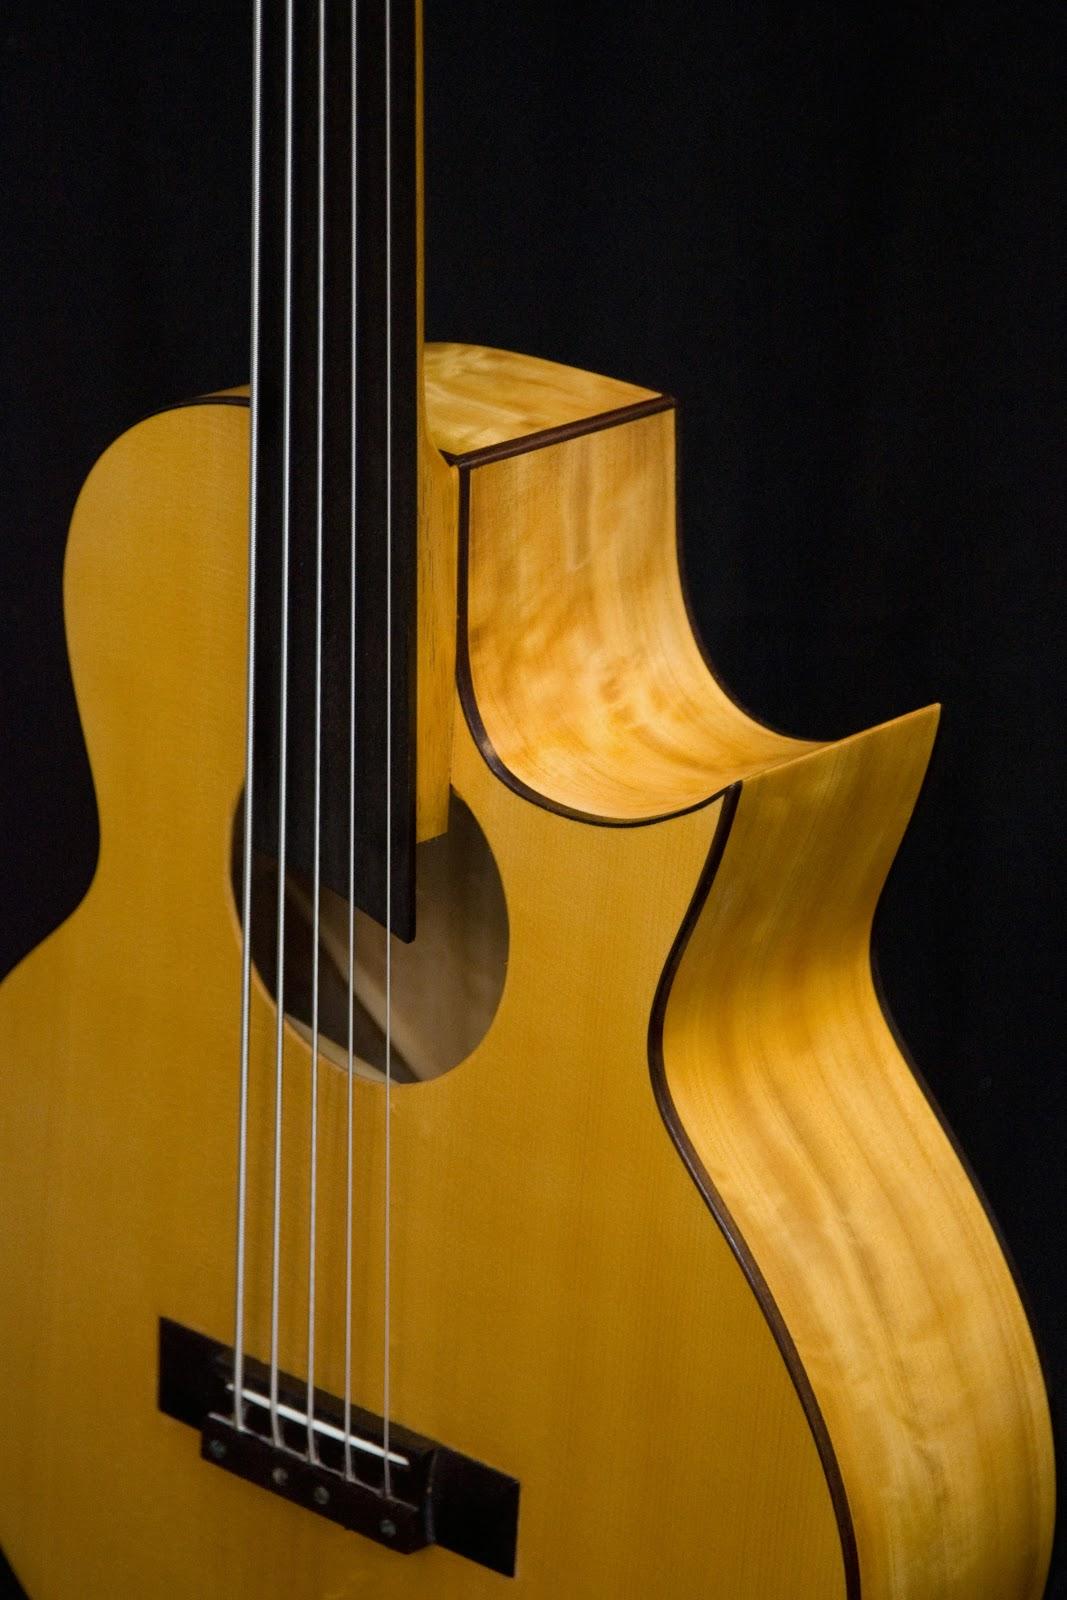 http://2.bp.blogspot.com/-zpPMnWIHbSs/S6pB9ohnMvI/AAAAAAAAp98/tpeffprJjYg/s1600/5-string+electro+acoustic+bass%252C+cutaway.JPG